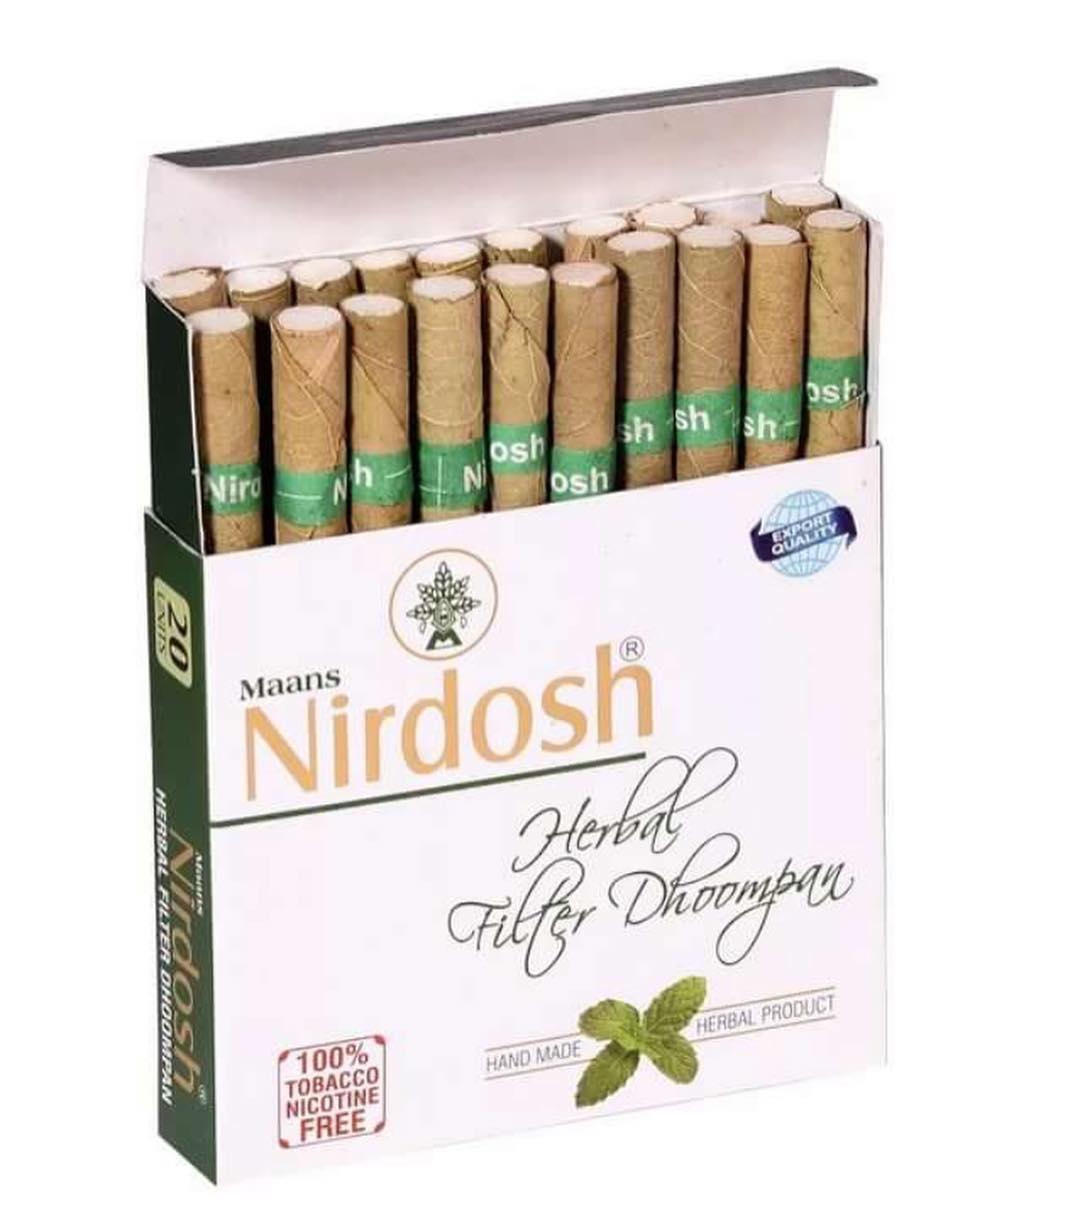 Нирдош, Nirdosh, очищает бронхи и легкие, успокаивает ум, 20шт